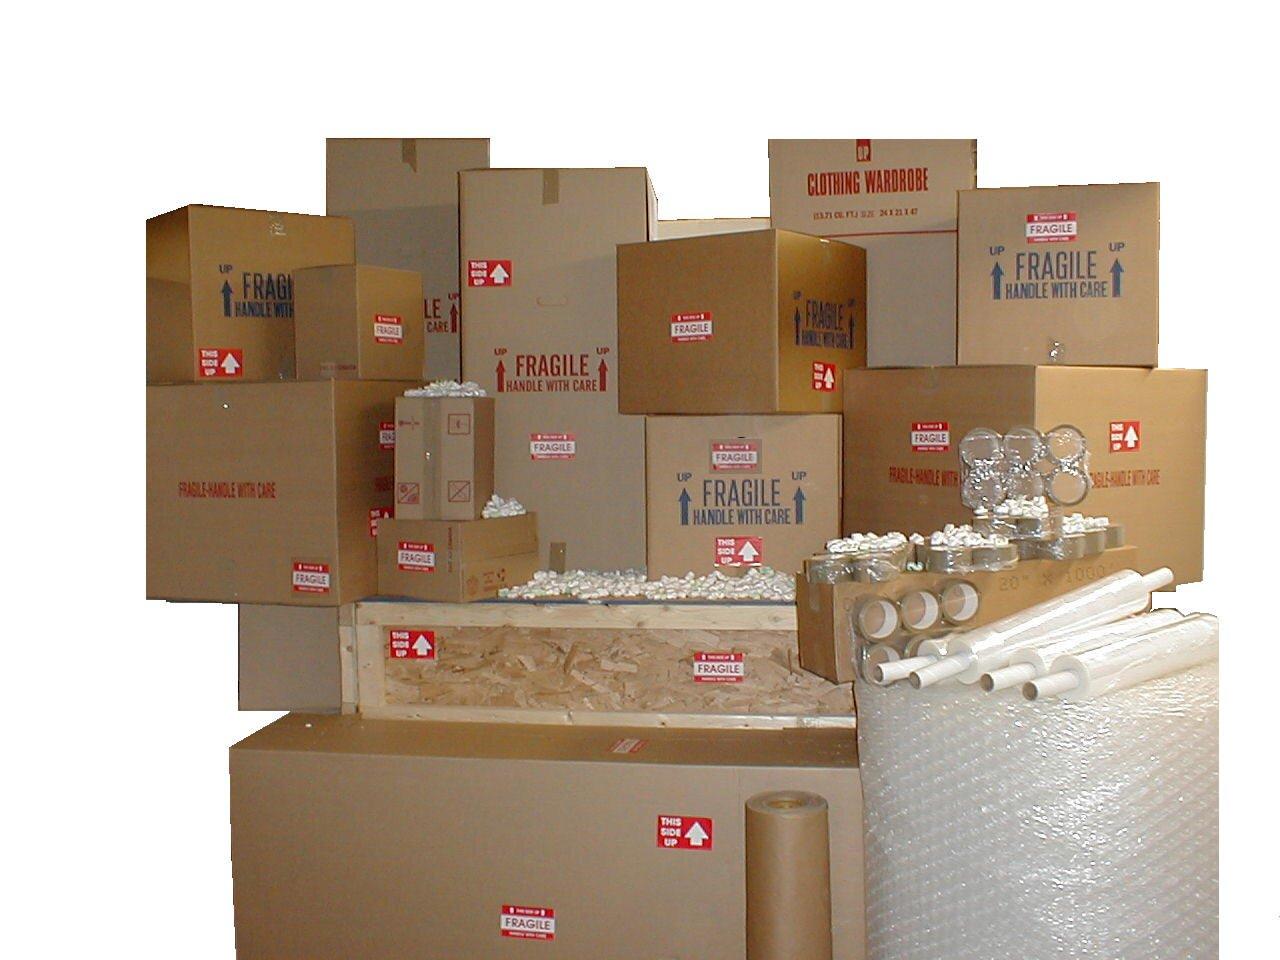 Különböző csomagolóanyagok a kartondoboztól a buborékos fóliáig.